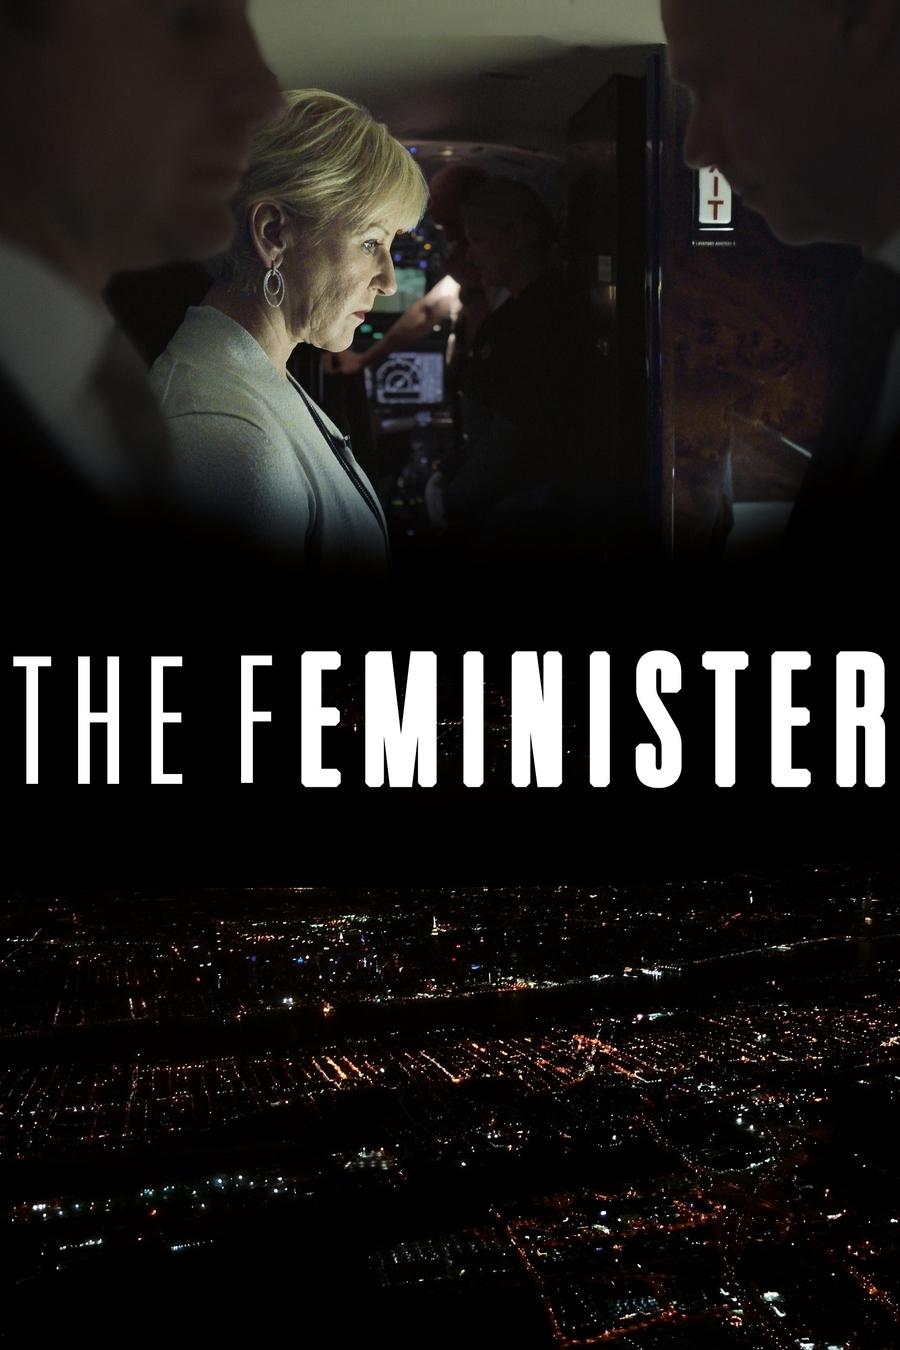 The Feminister